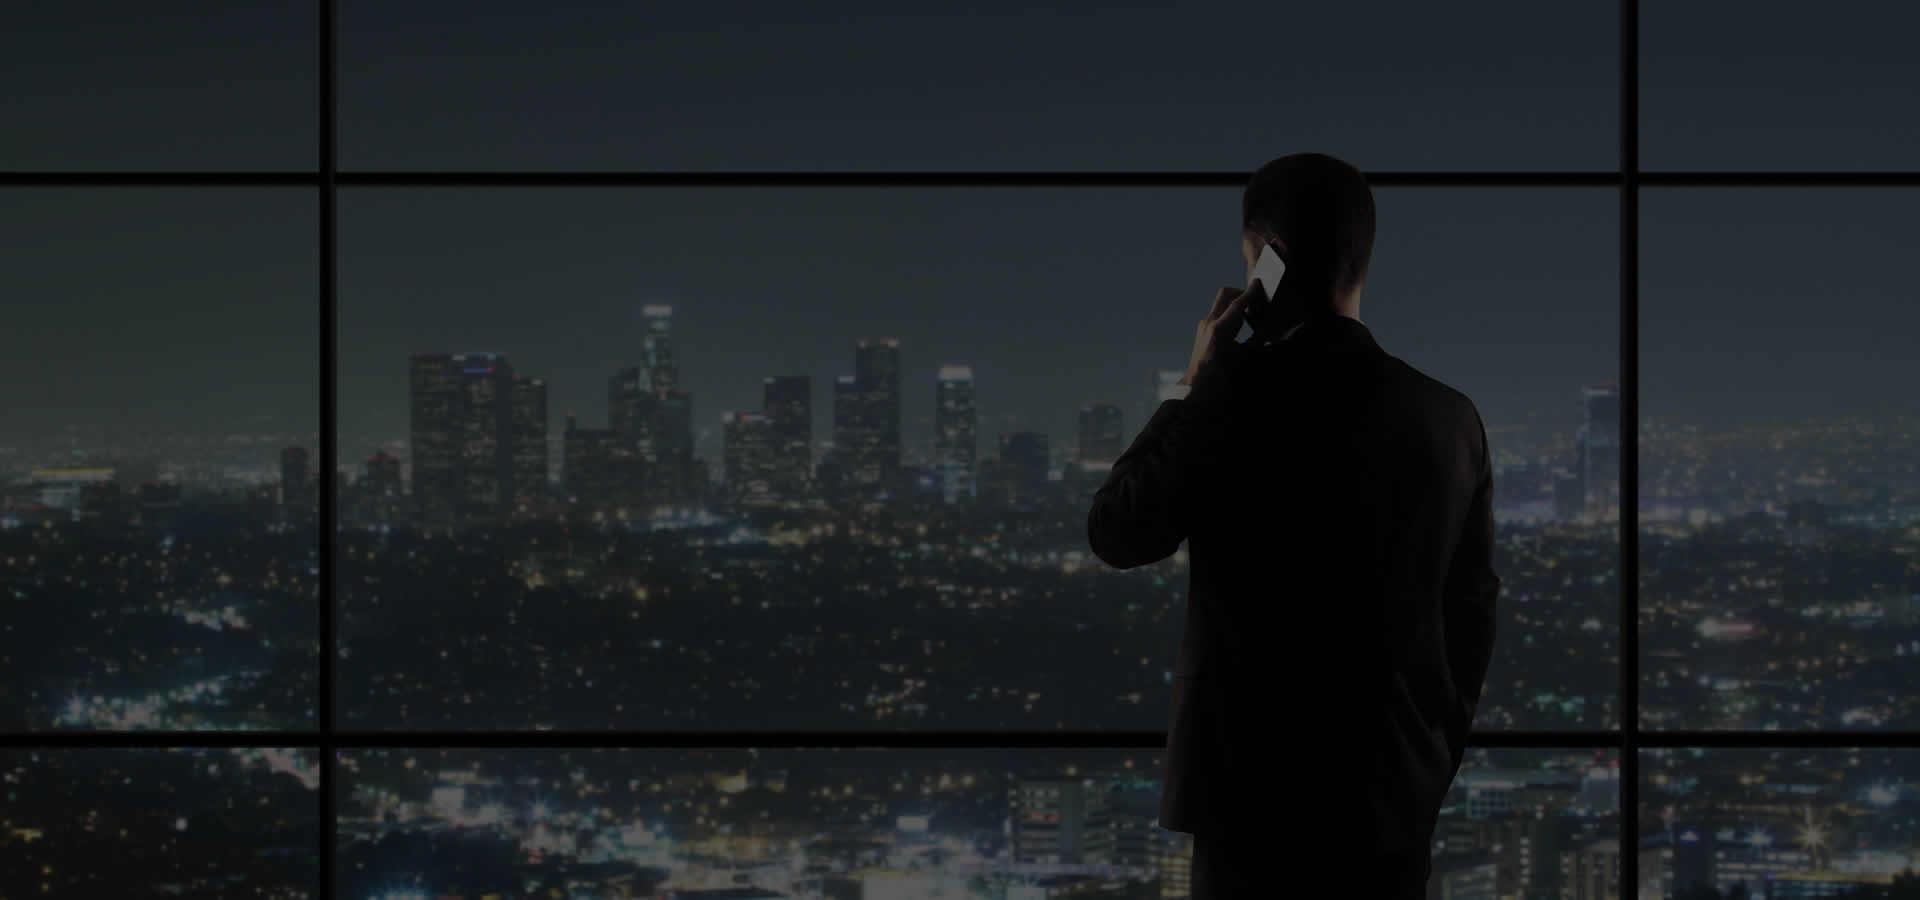 Fundo de tela executivo olhando para a cidade a noite do alto de um prédio